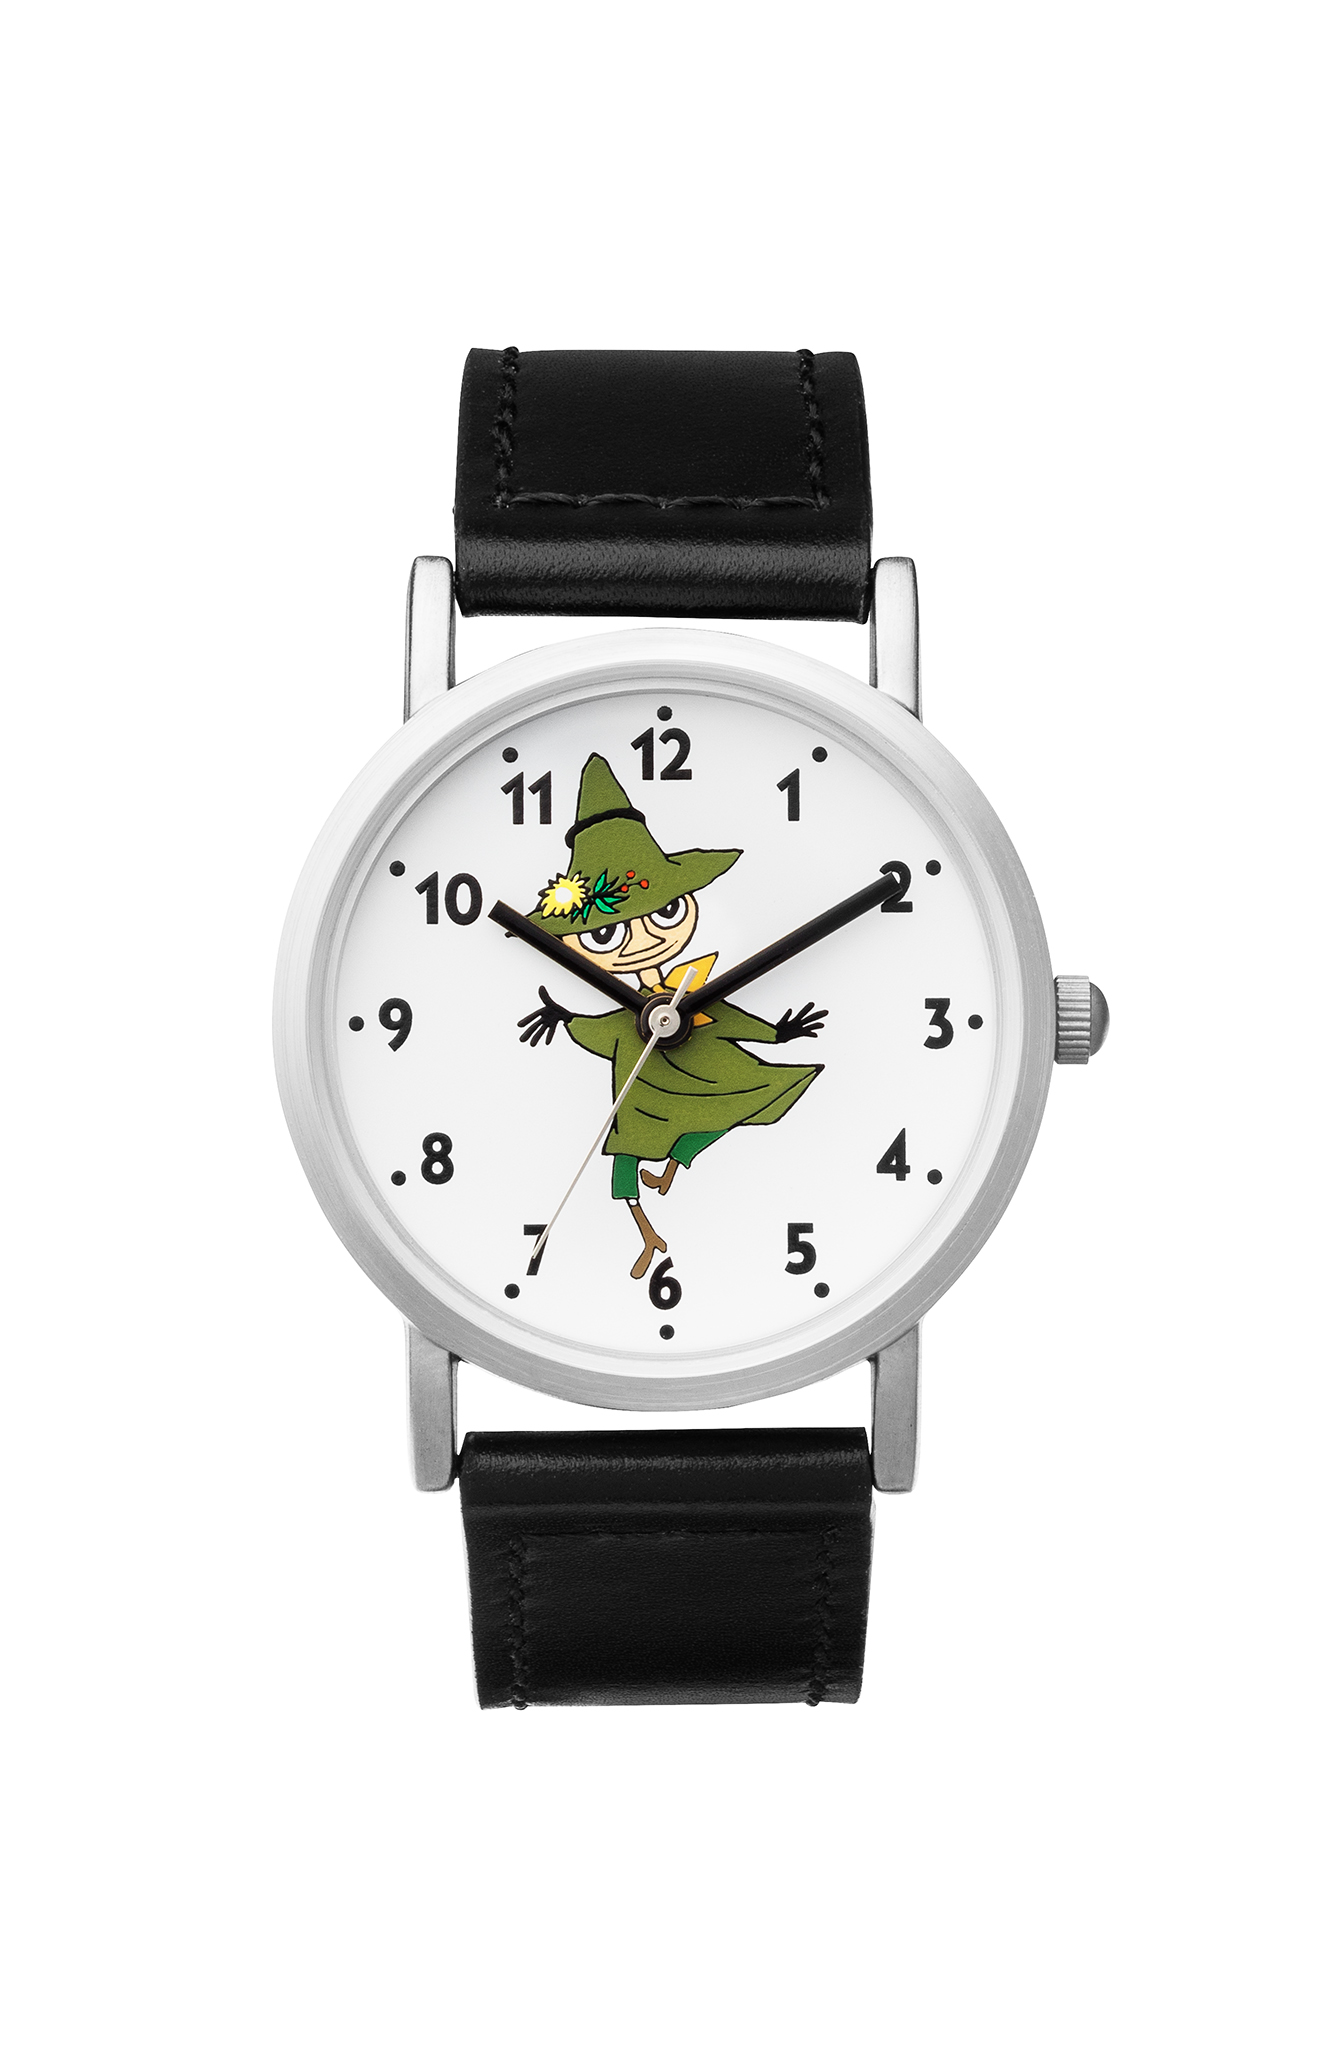 Saurum Snufkin watch